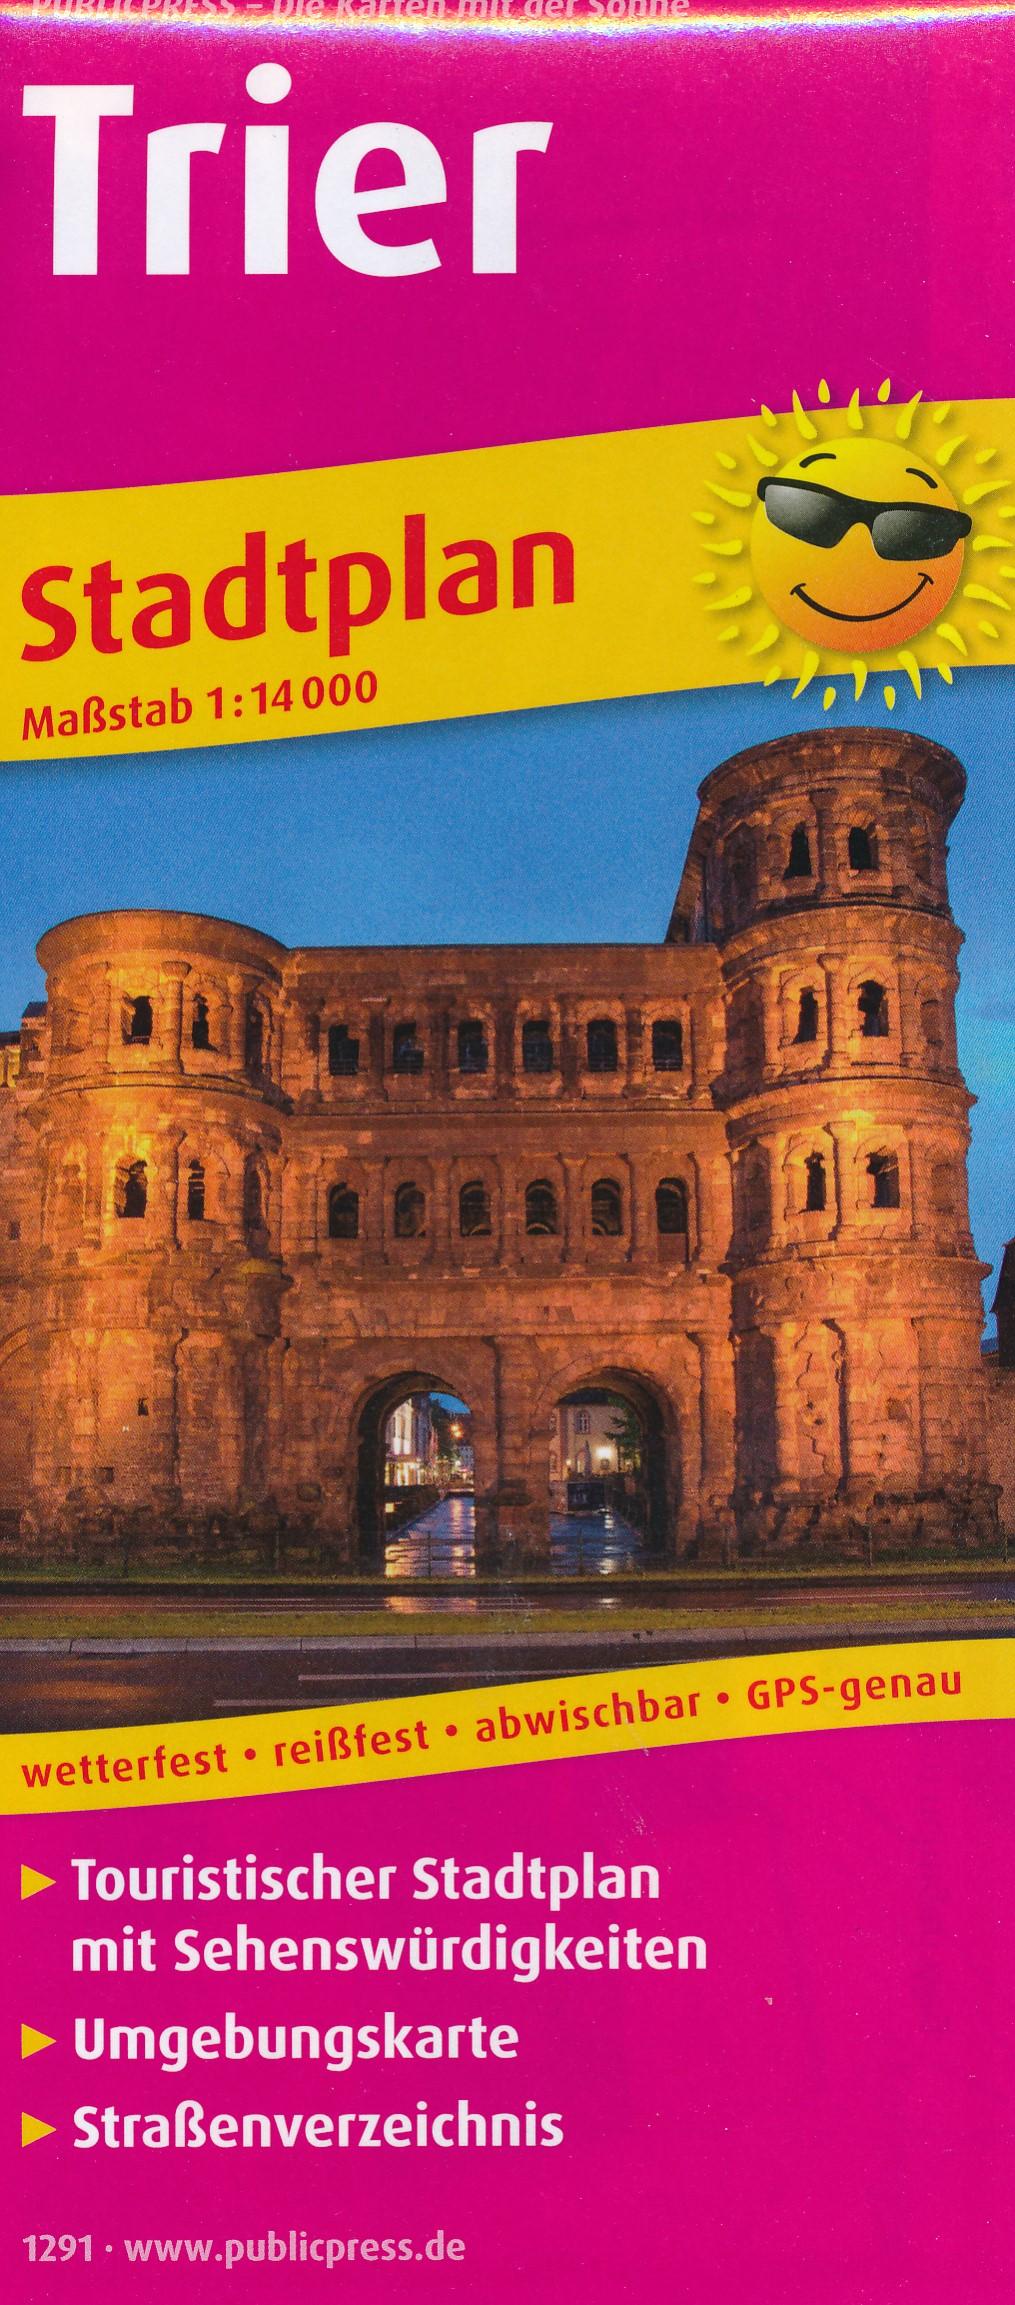 Stadsplattegrond Trier | Publicpress